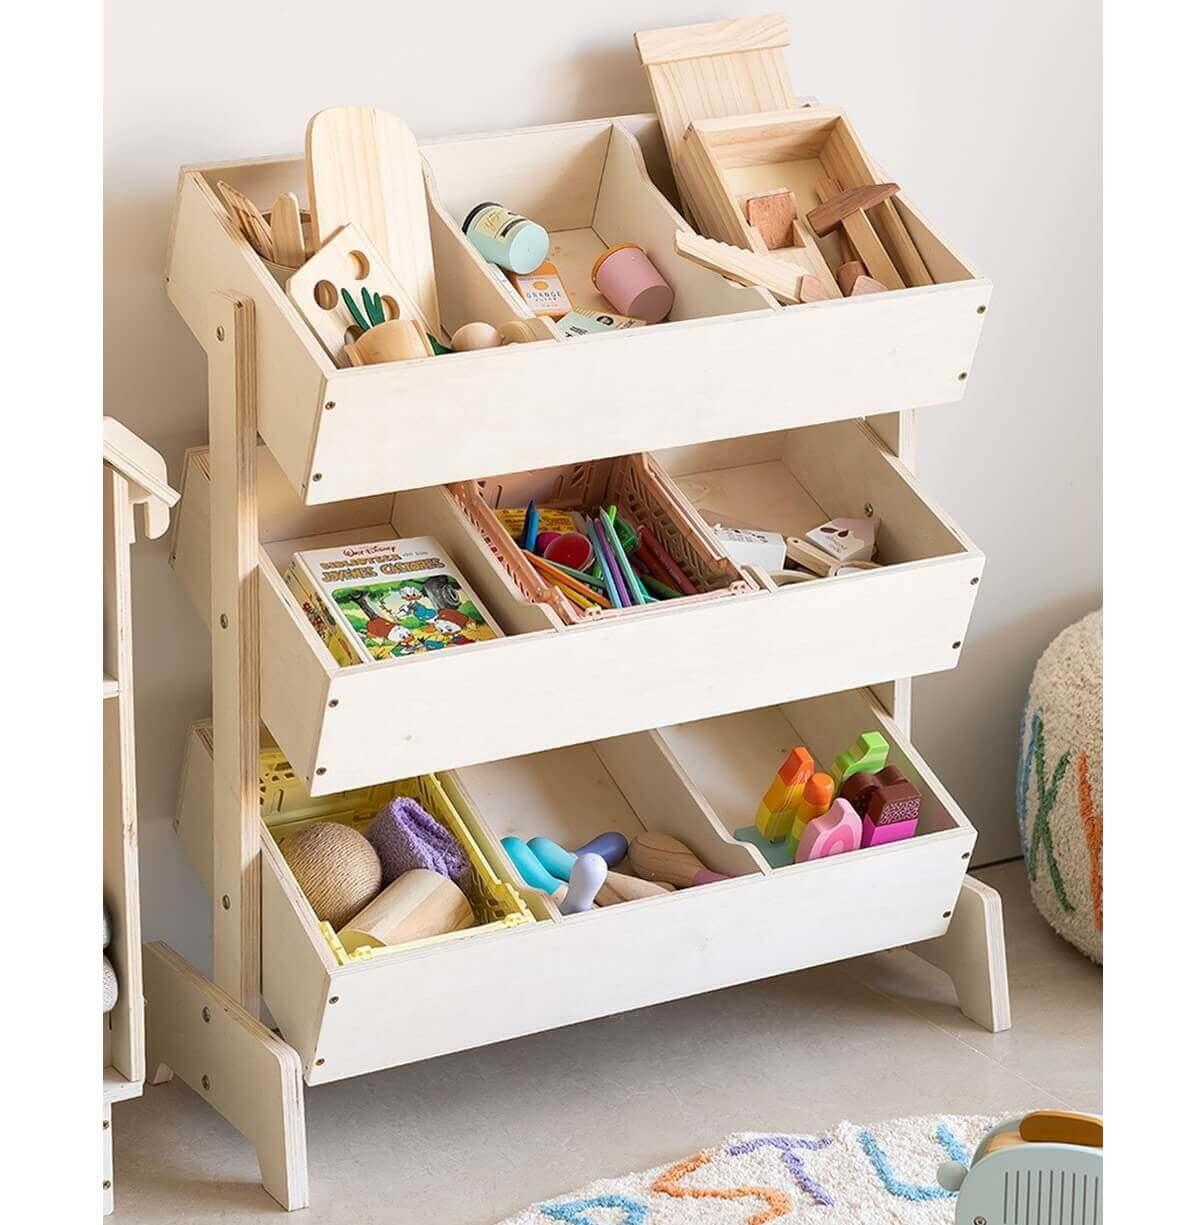 Kệ để đồ chơi cho bé làm bằng gỗ đẹp hiện đại